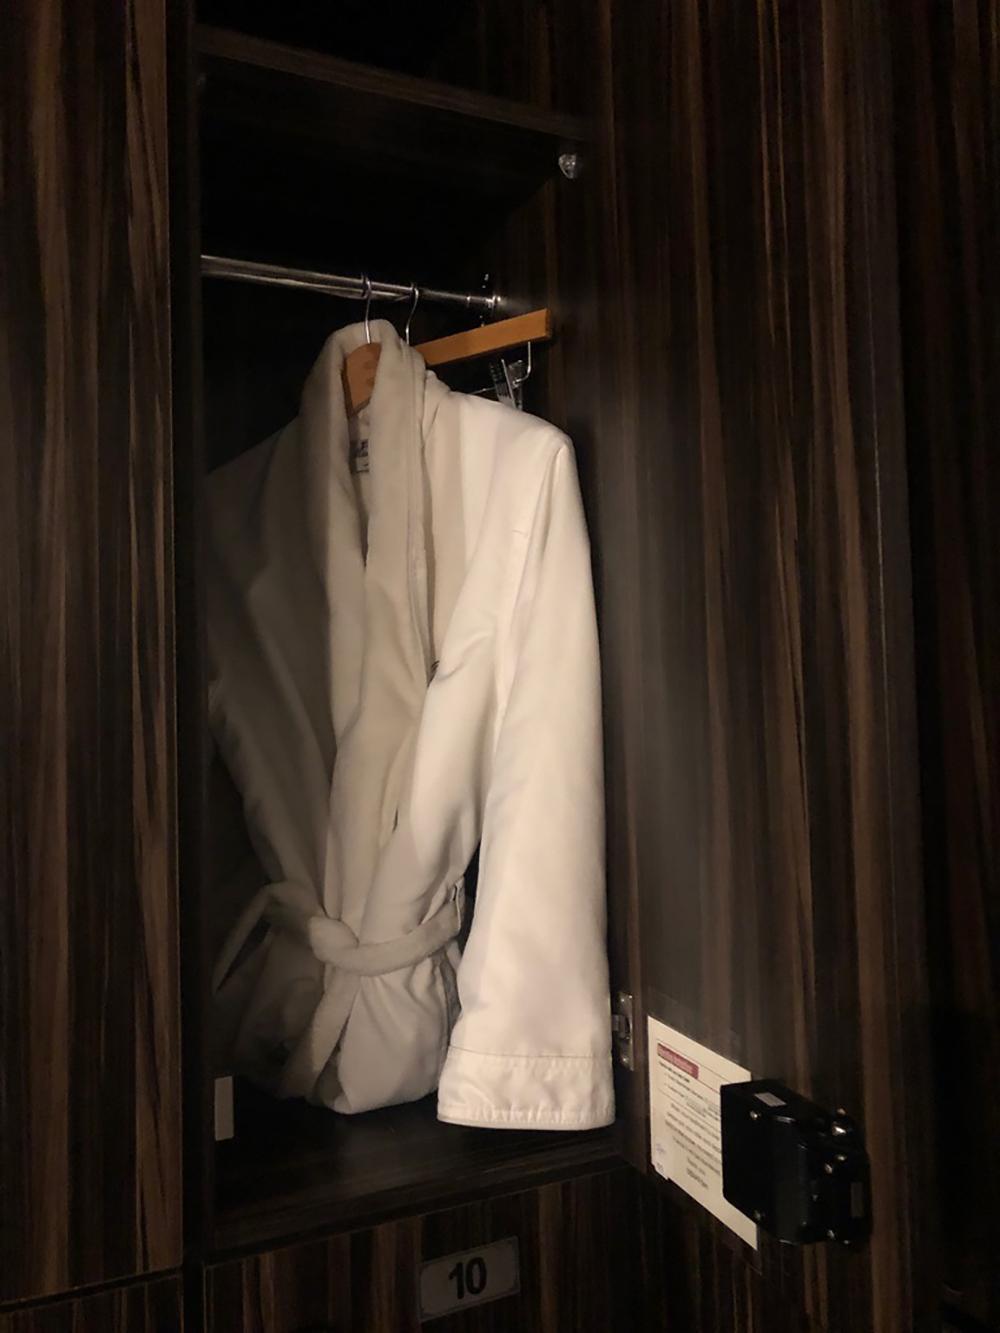 robe in locker.jpg